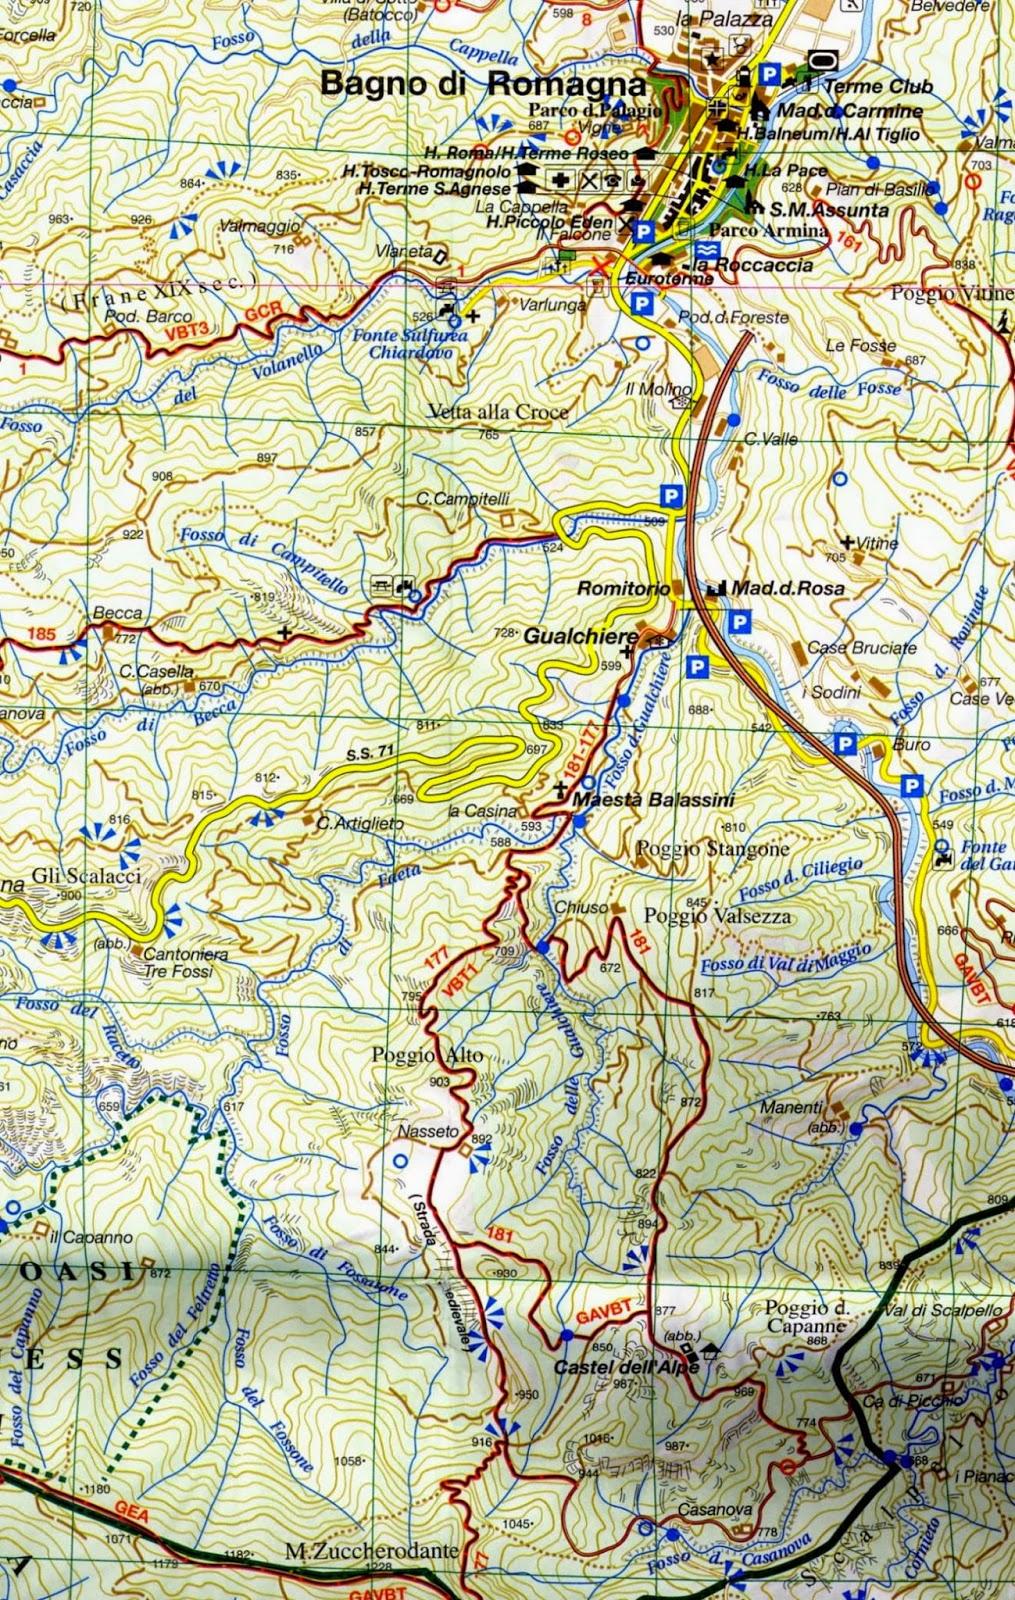 L 39 esploratore faentino escursioni zona bagno di romagna - Percorso gnomi bagno di romagna ...